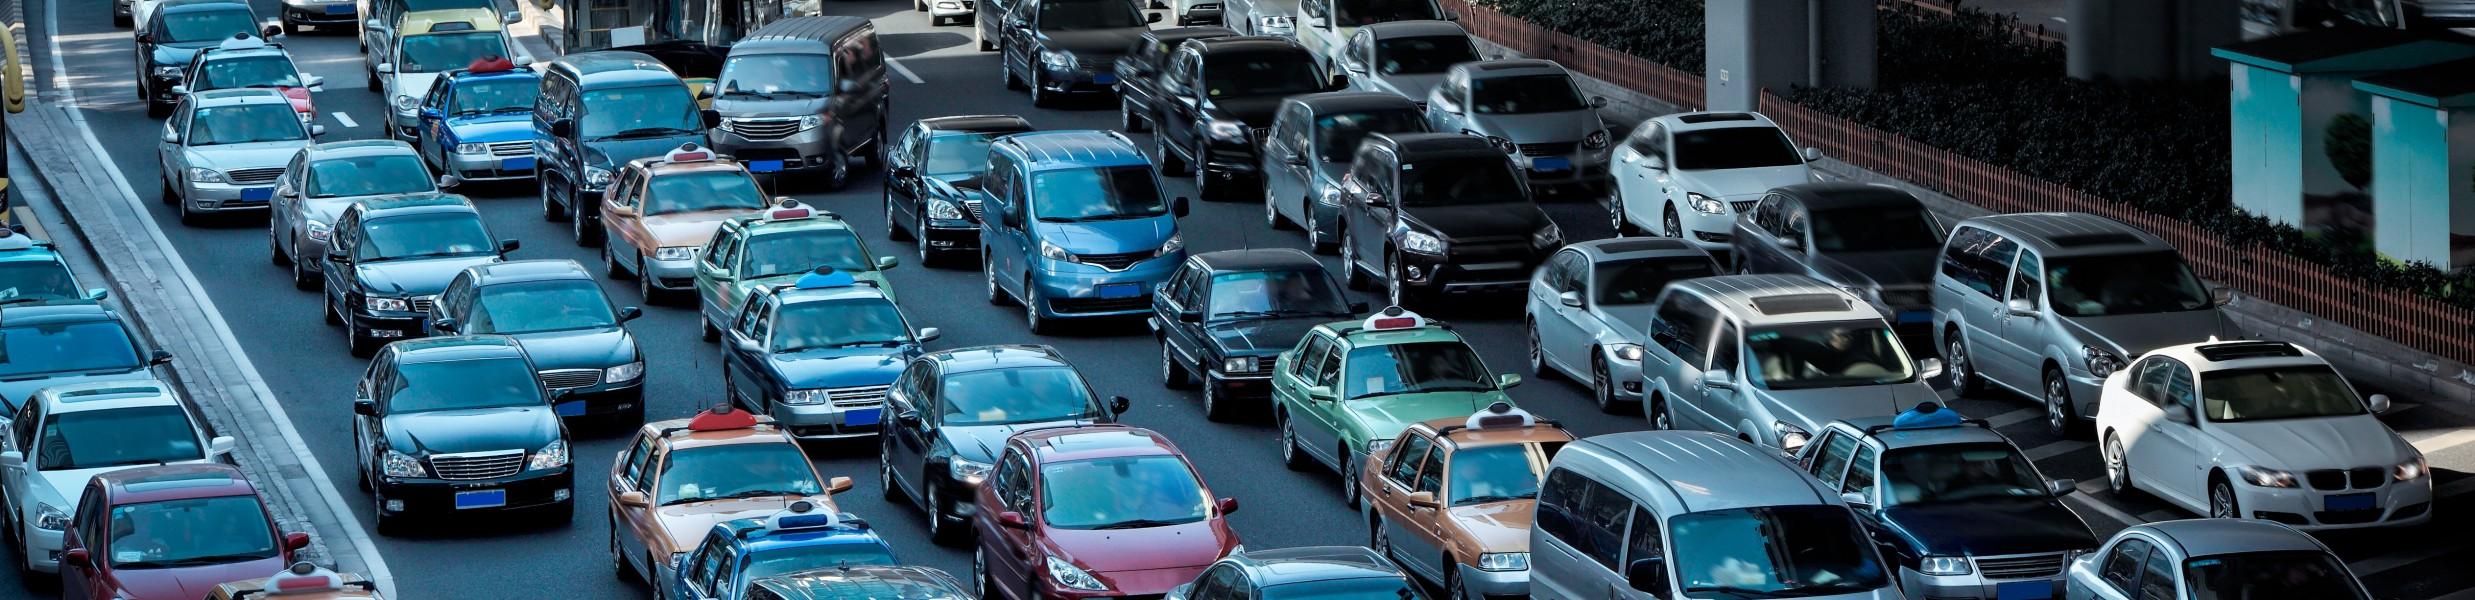 Чудо-правила для «лихачей»: какие водители теперь опасны?